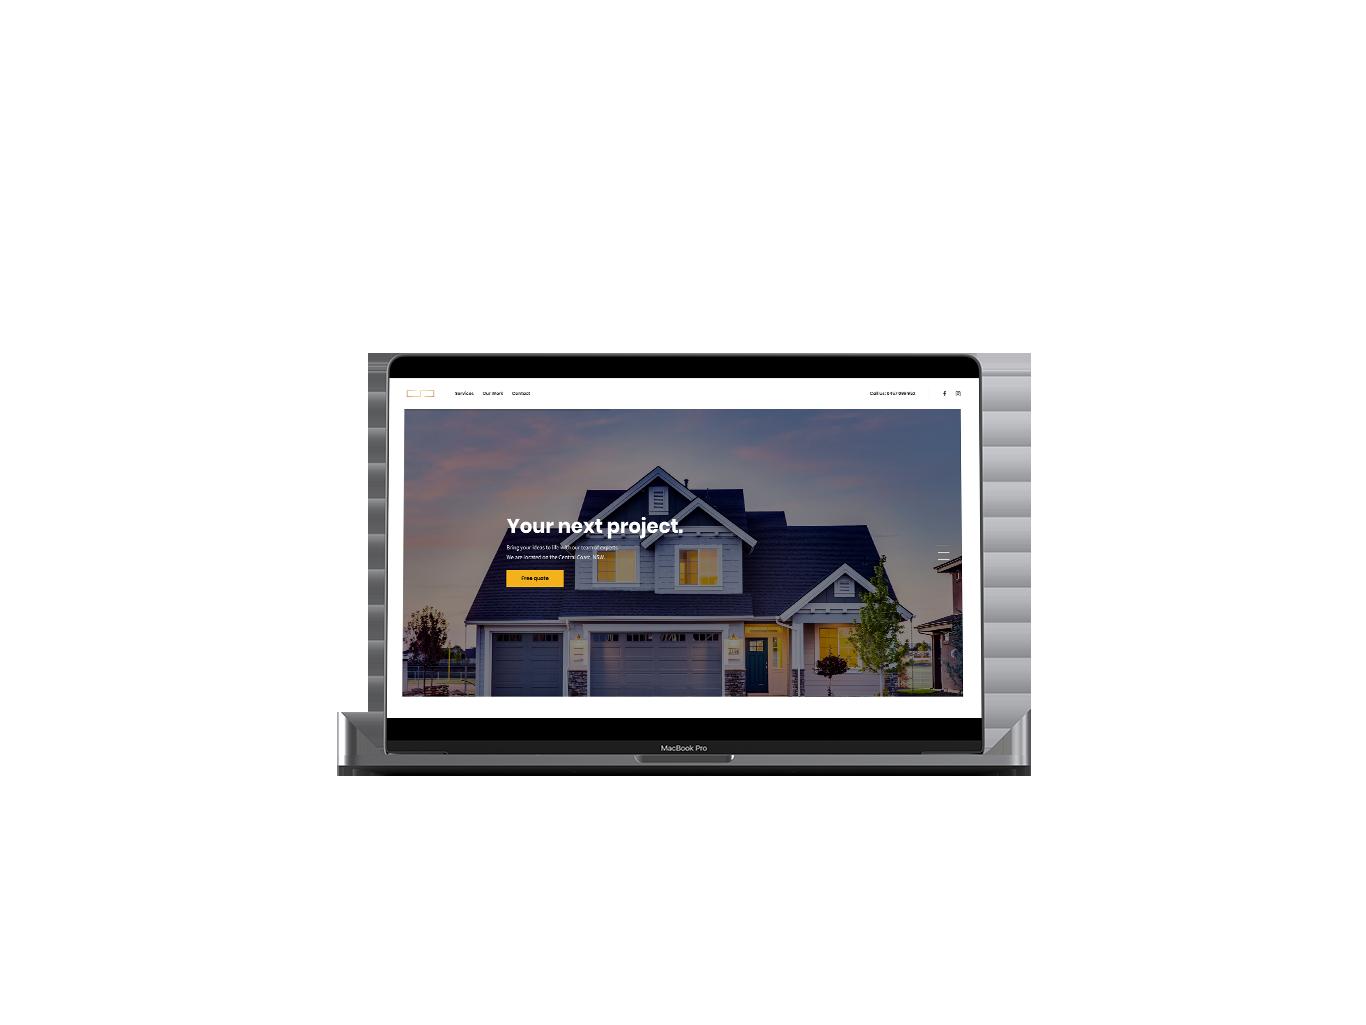 Cruickshanks Agency Website Digital Marketing Facebook ads Google ads Design Logo